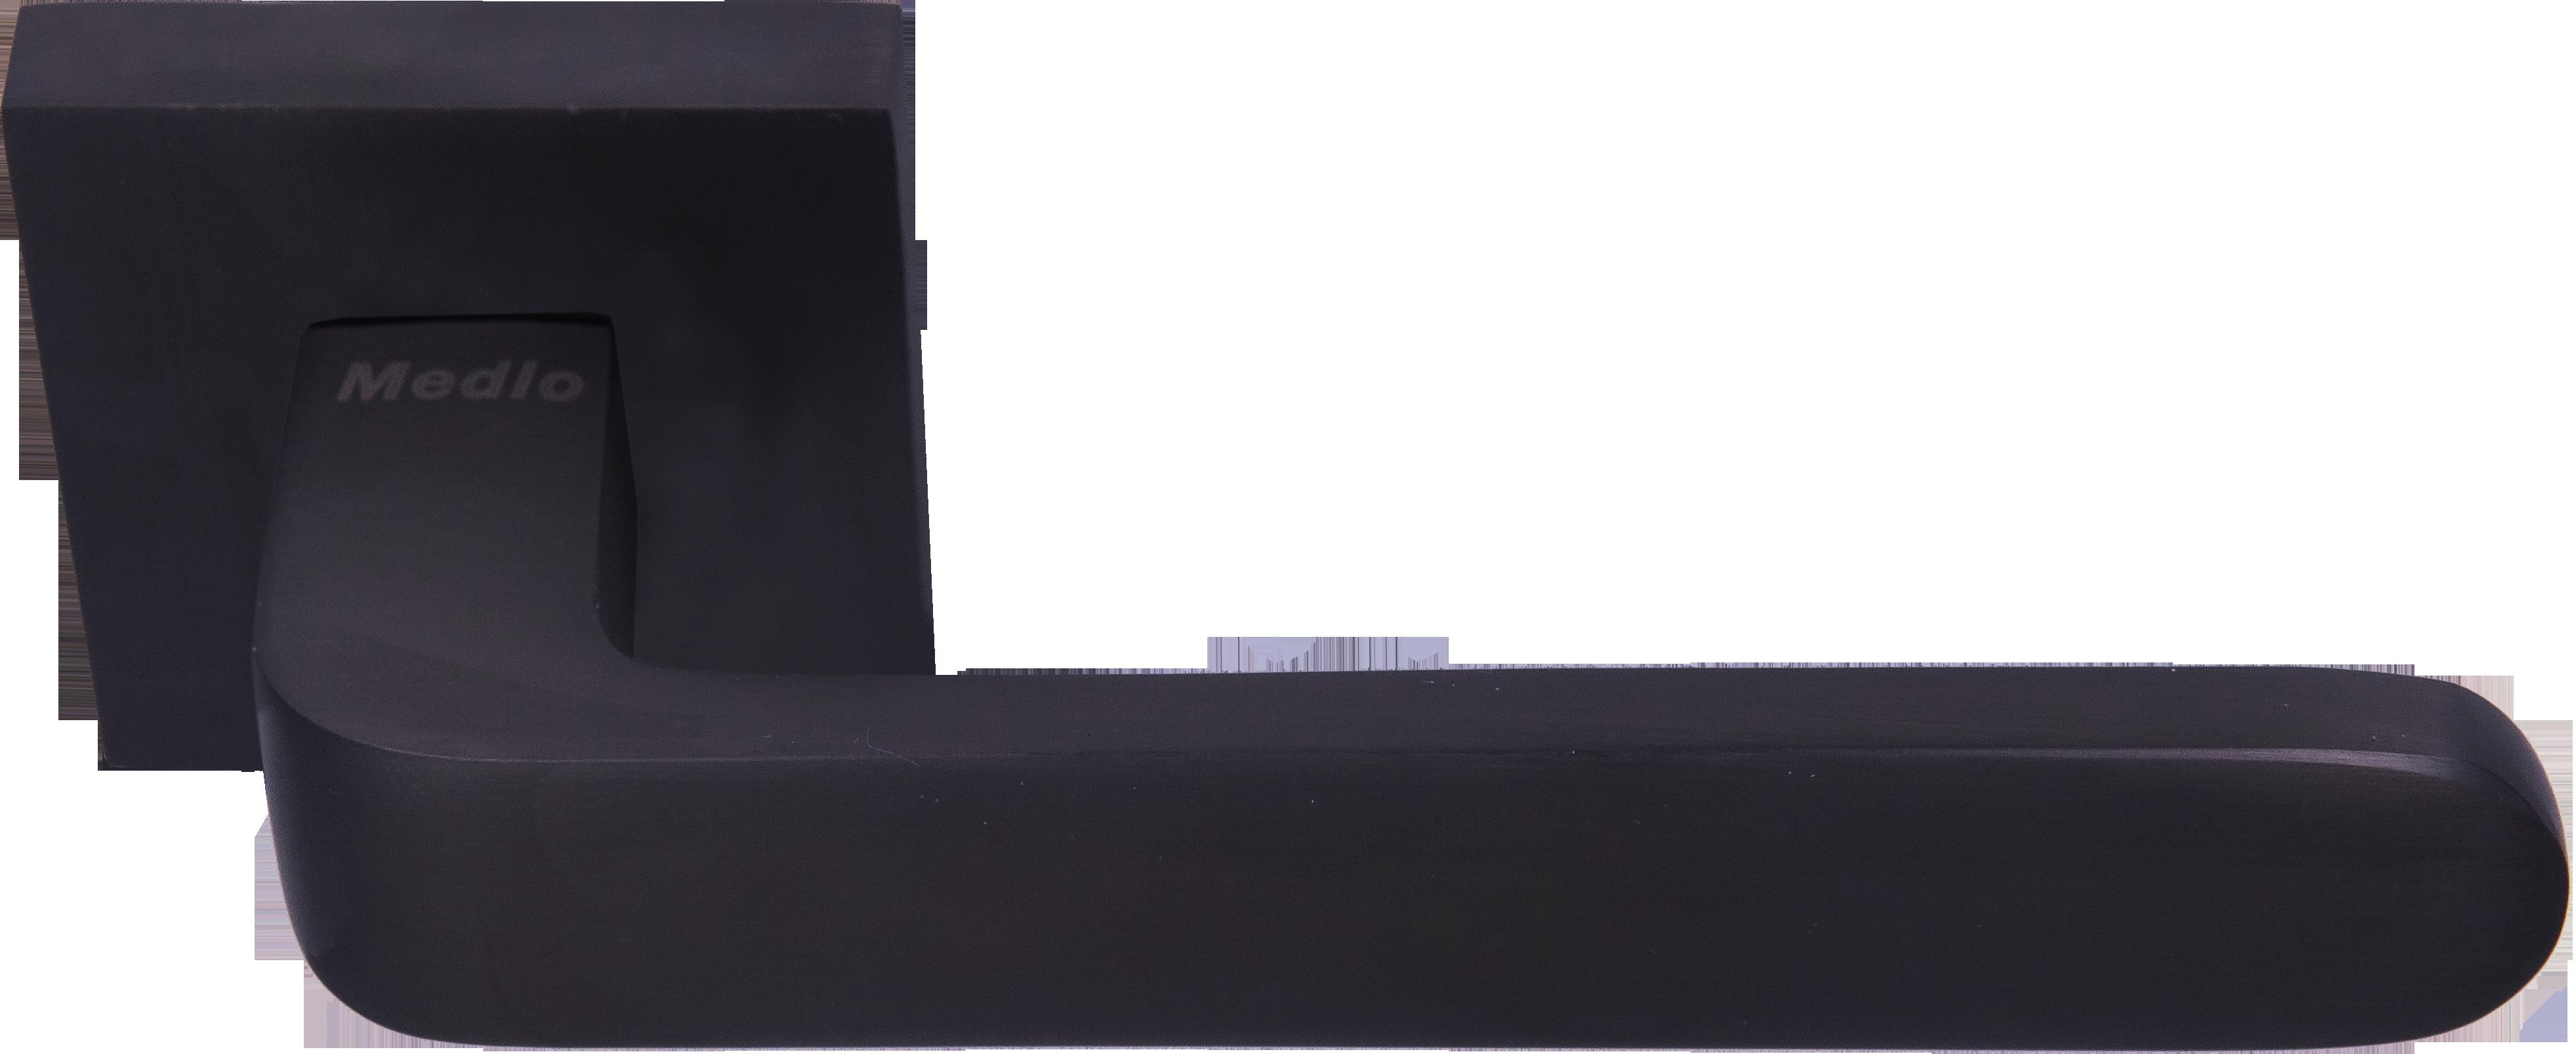 Ручка Медио ML6639-15 MBN графит (20 шт)